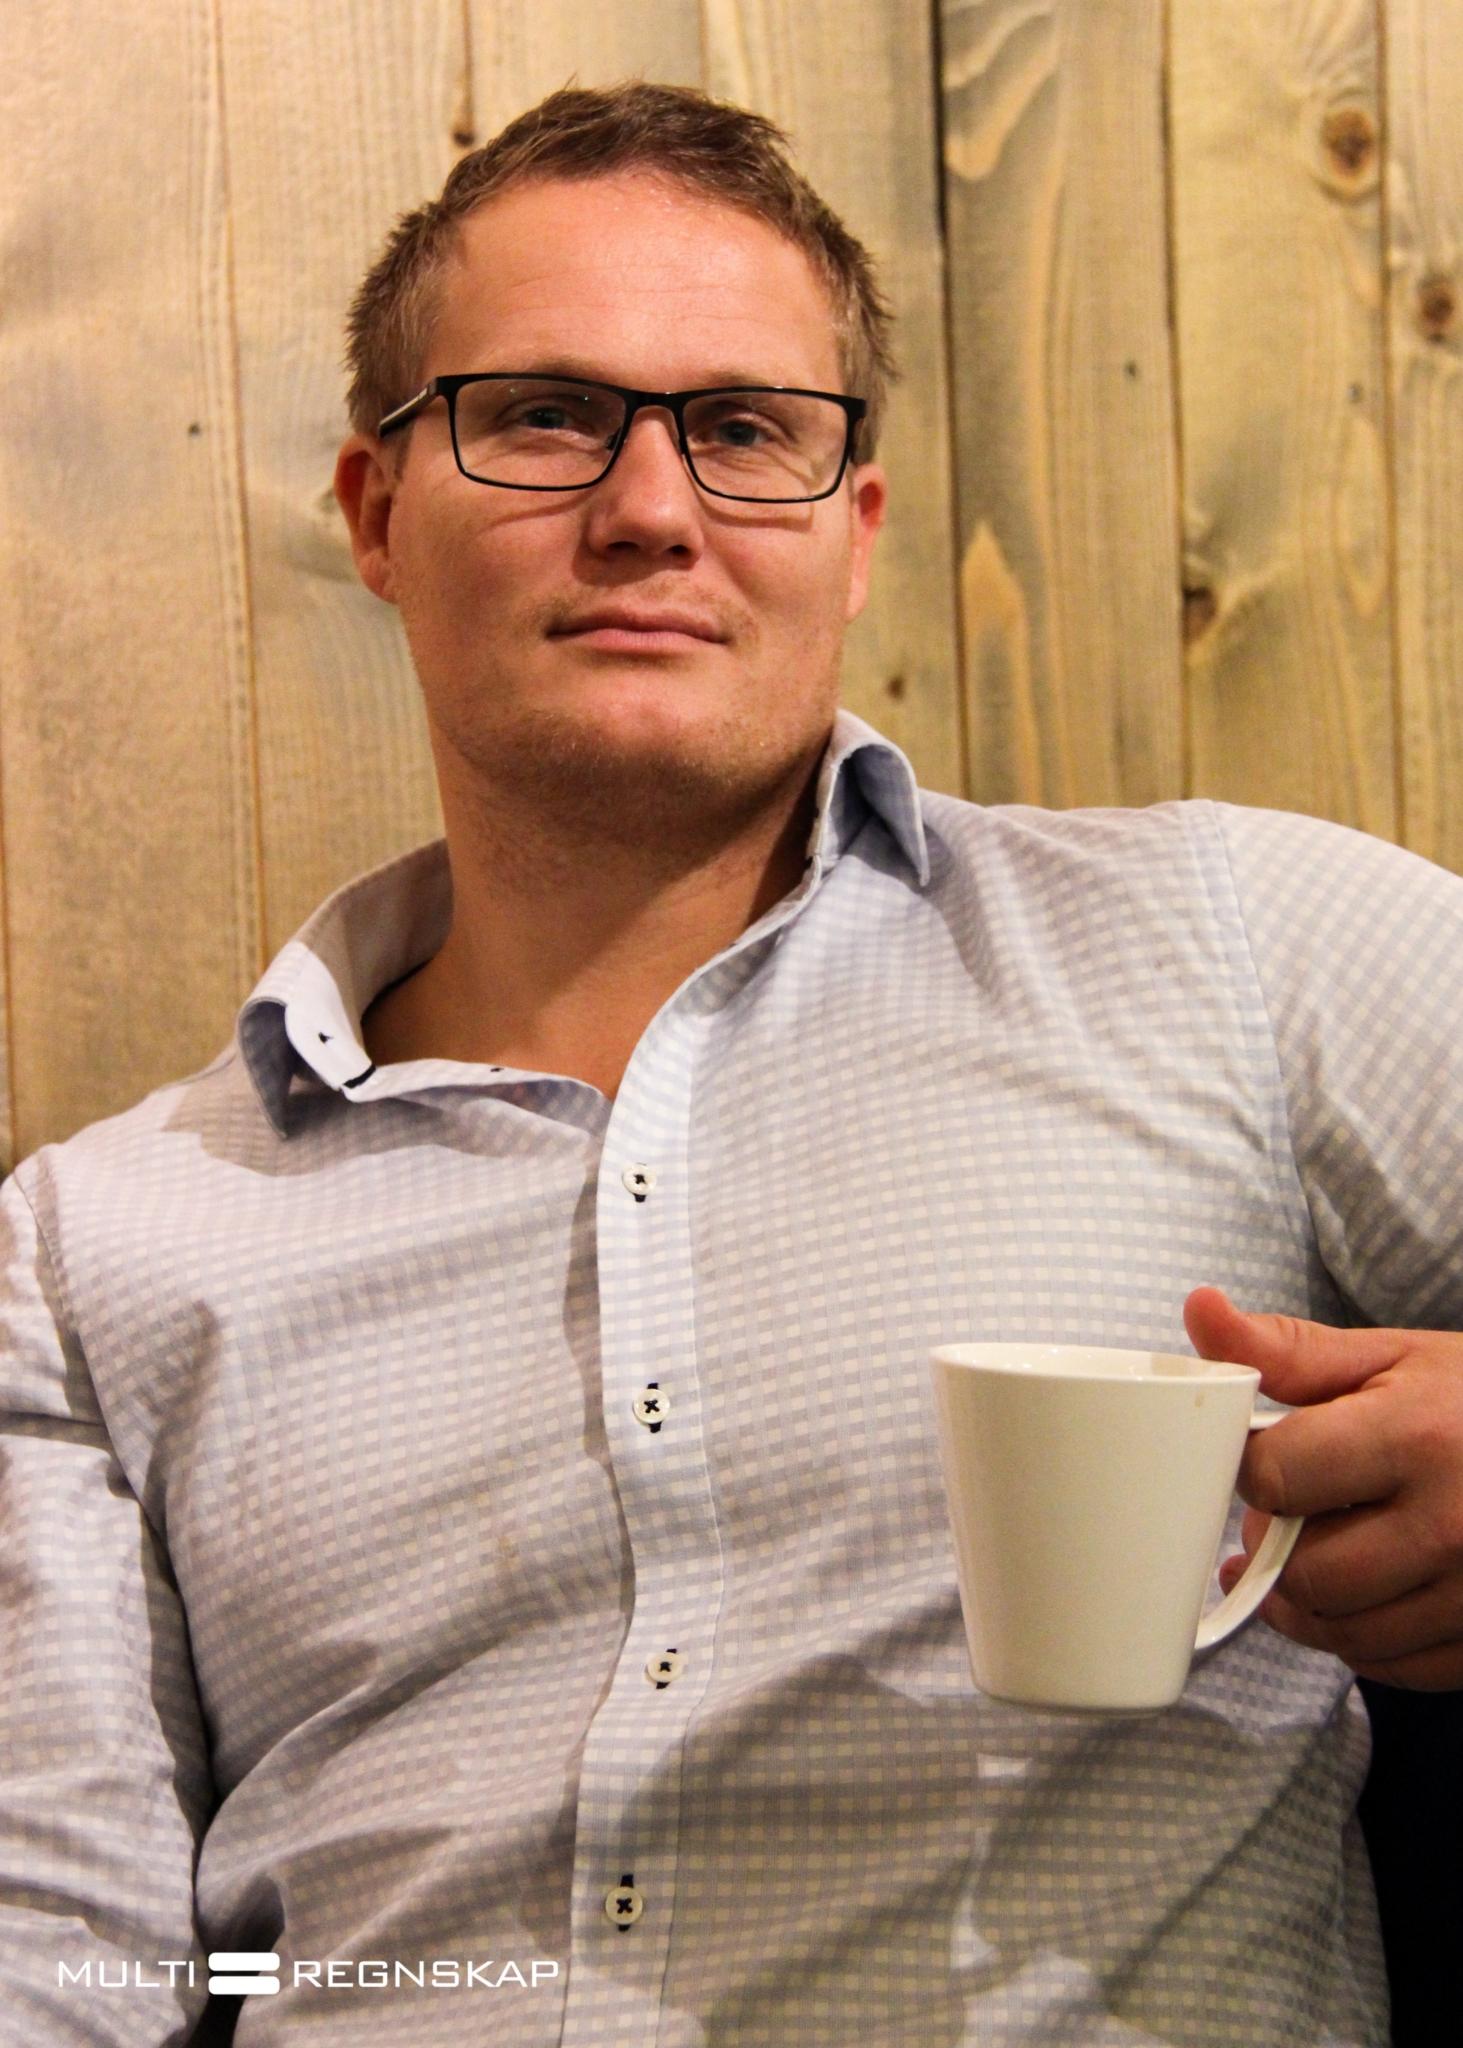 Stein Ove Pedersen